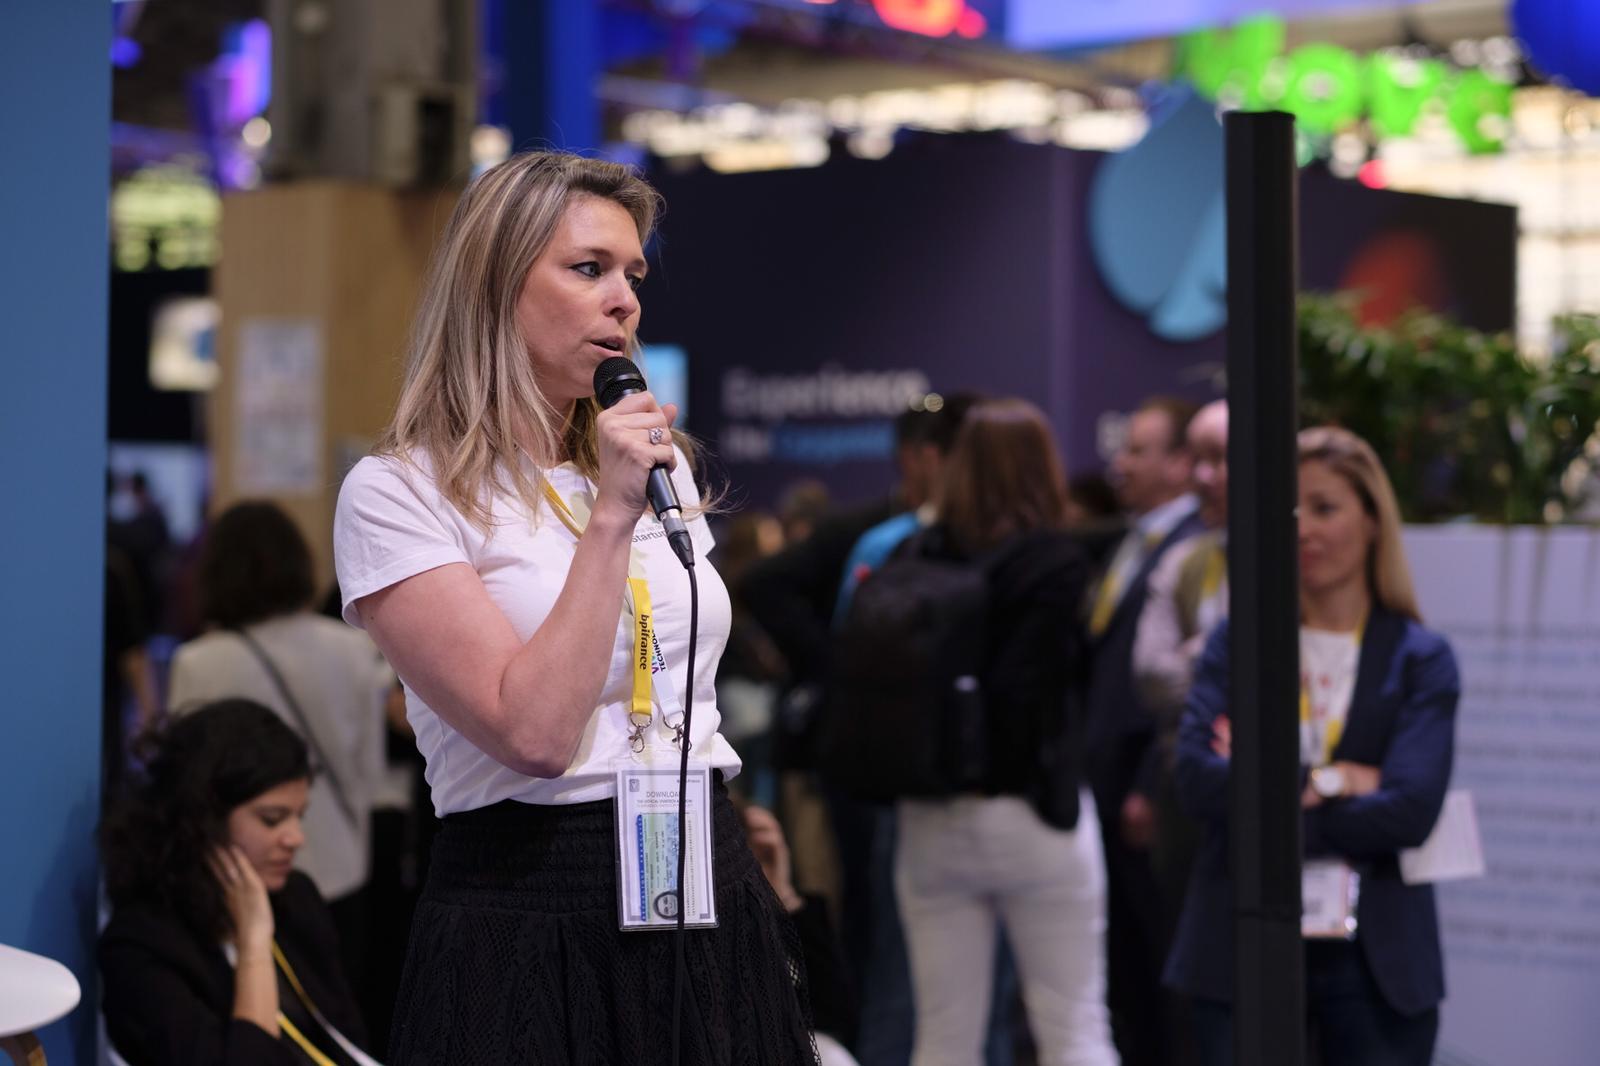 Julie Machillot CEO Immersive Experience au micro pour répondre au challenge Manpower